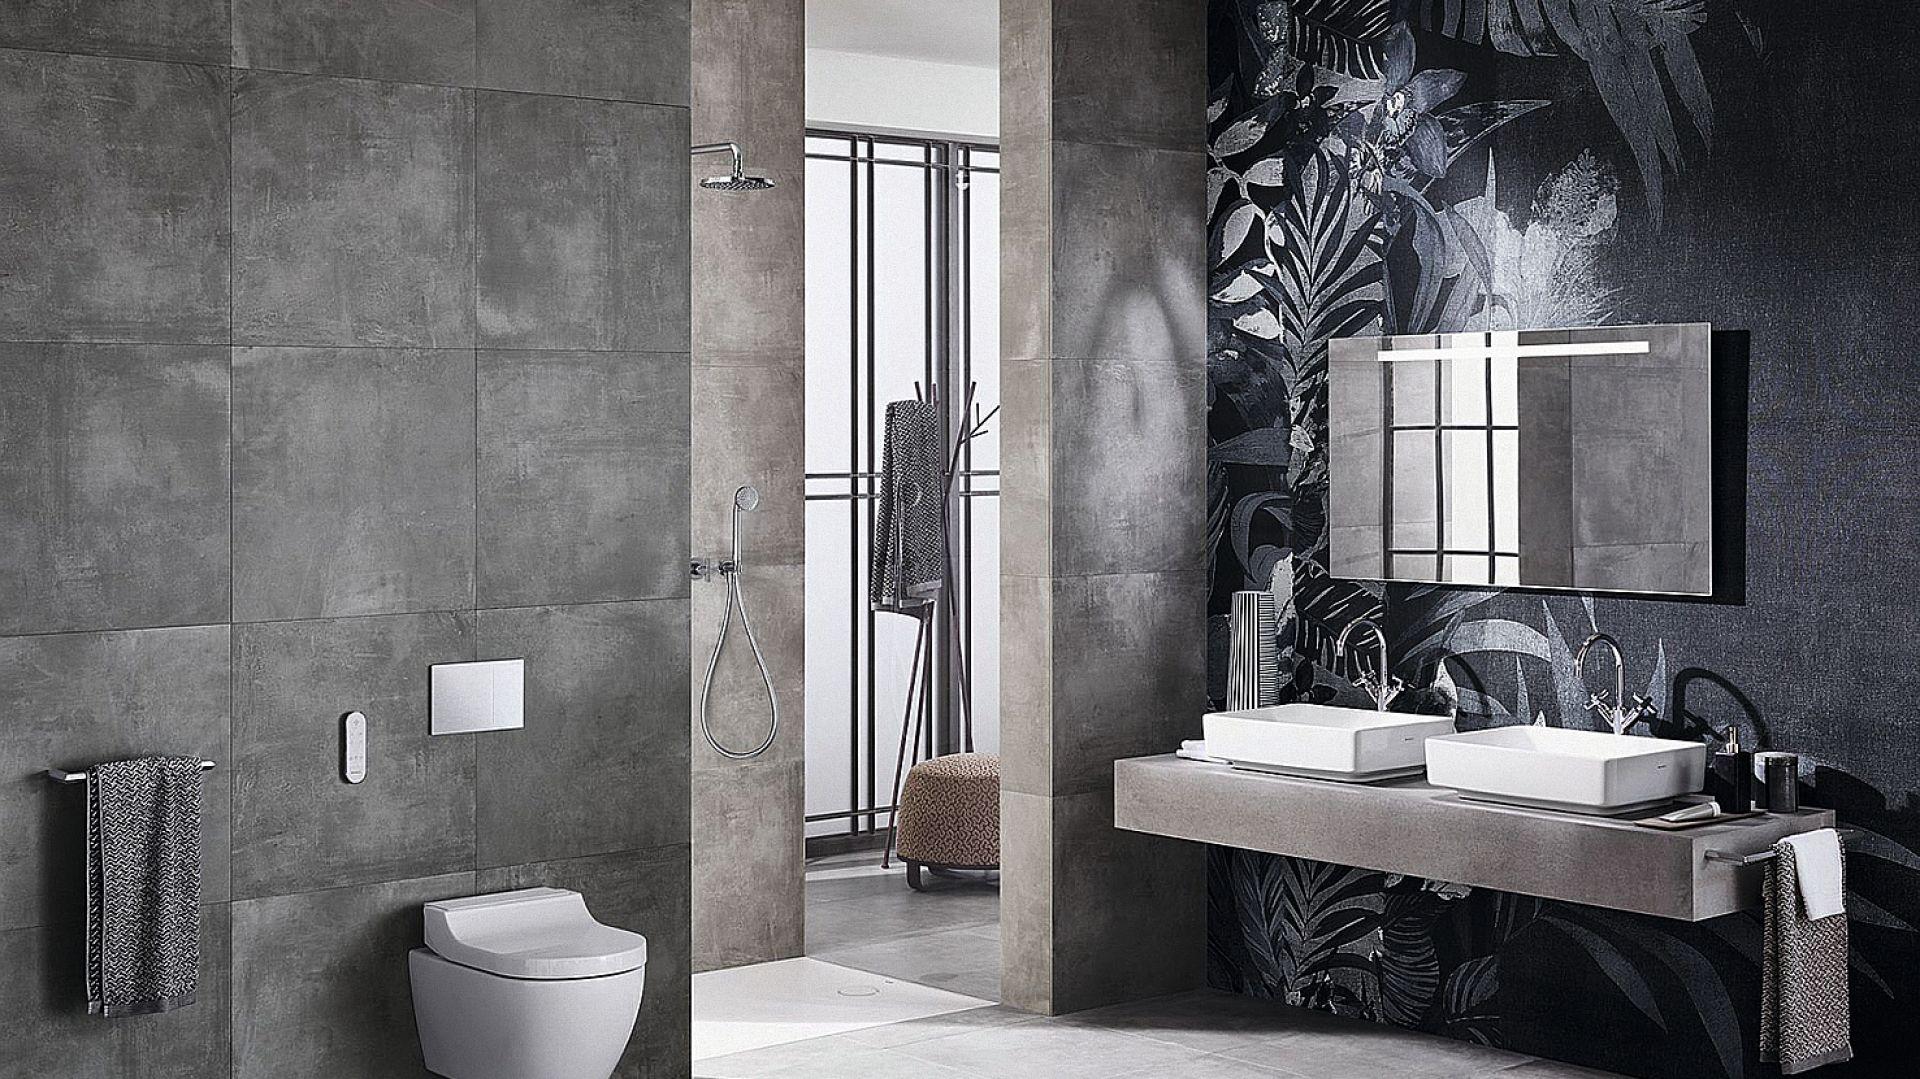 Toaleta myjąca Aqaclean Tuma firmy Geberit wyposażona jest w opatentowaną technologię natrysku WhirlSpray oraz intuicyjny pilot zdalnej obsługi; dostępna również jako deska myjąca. Fot. Geberit